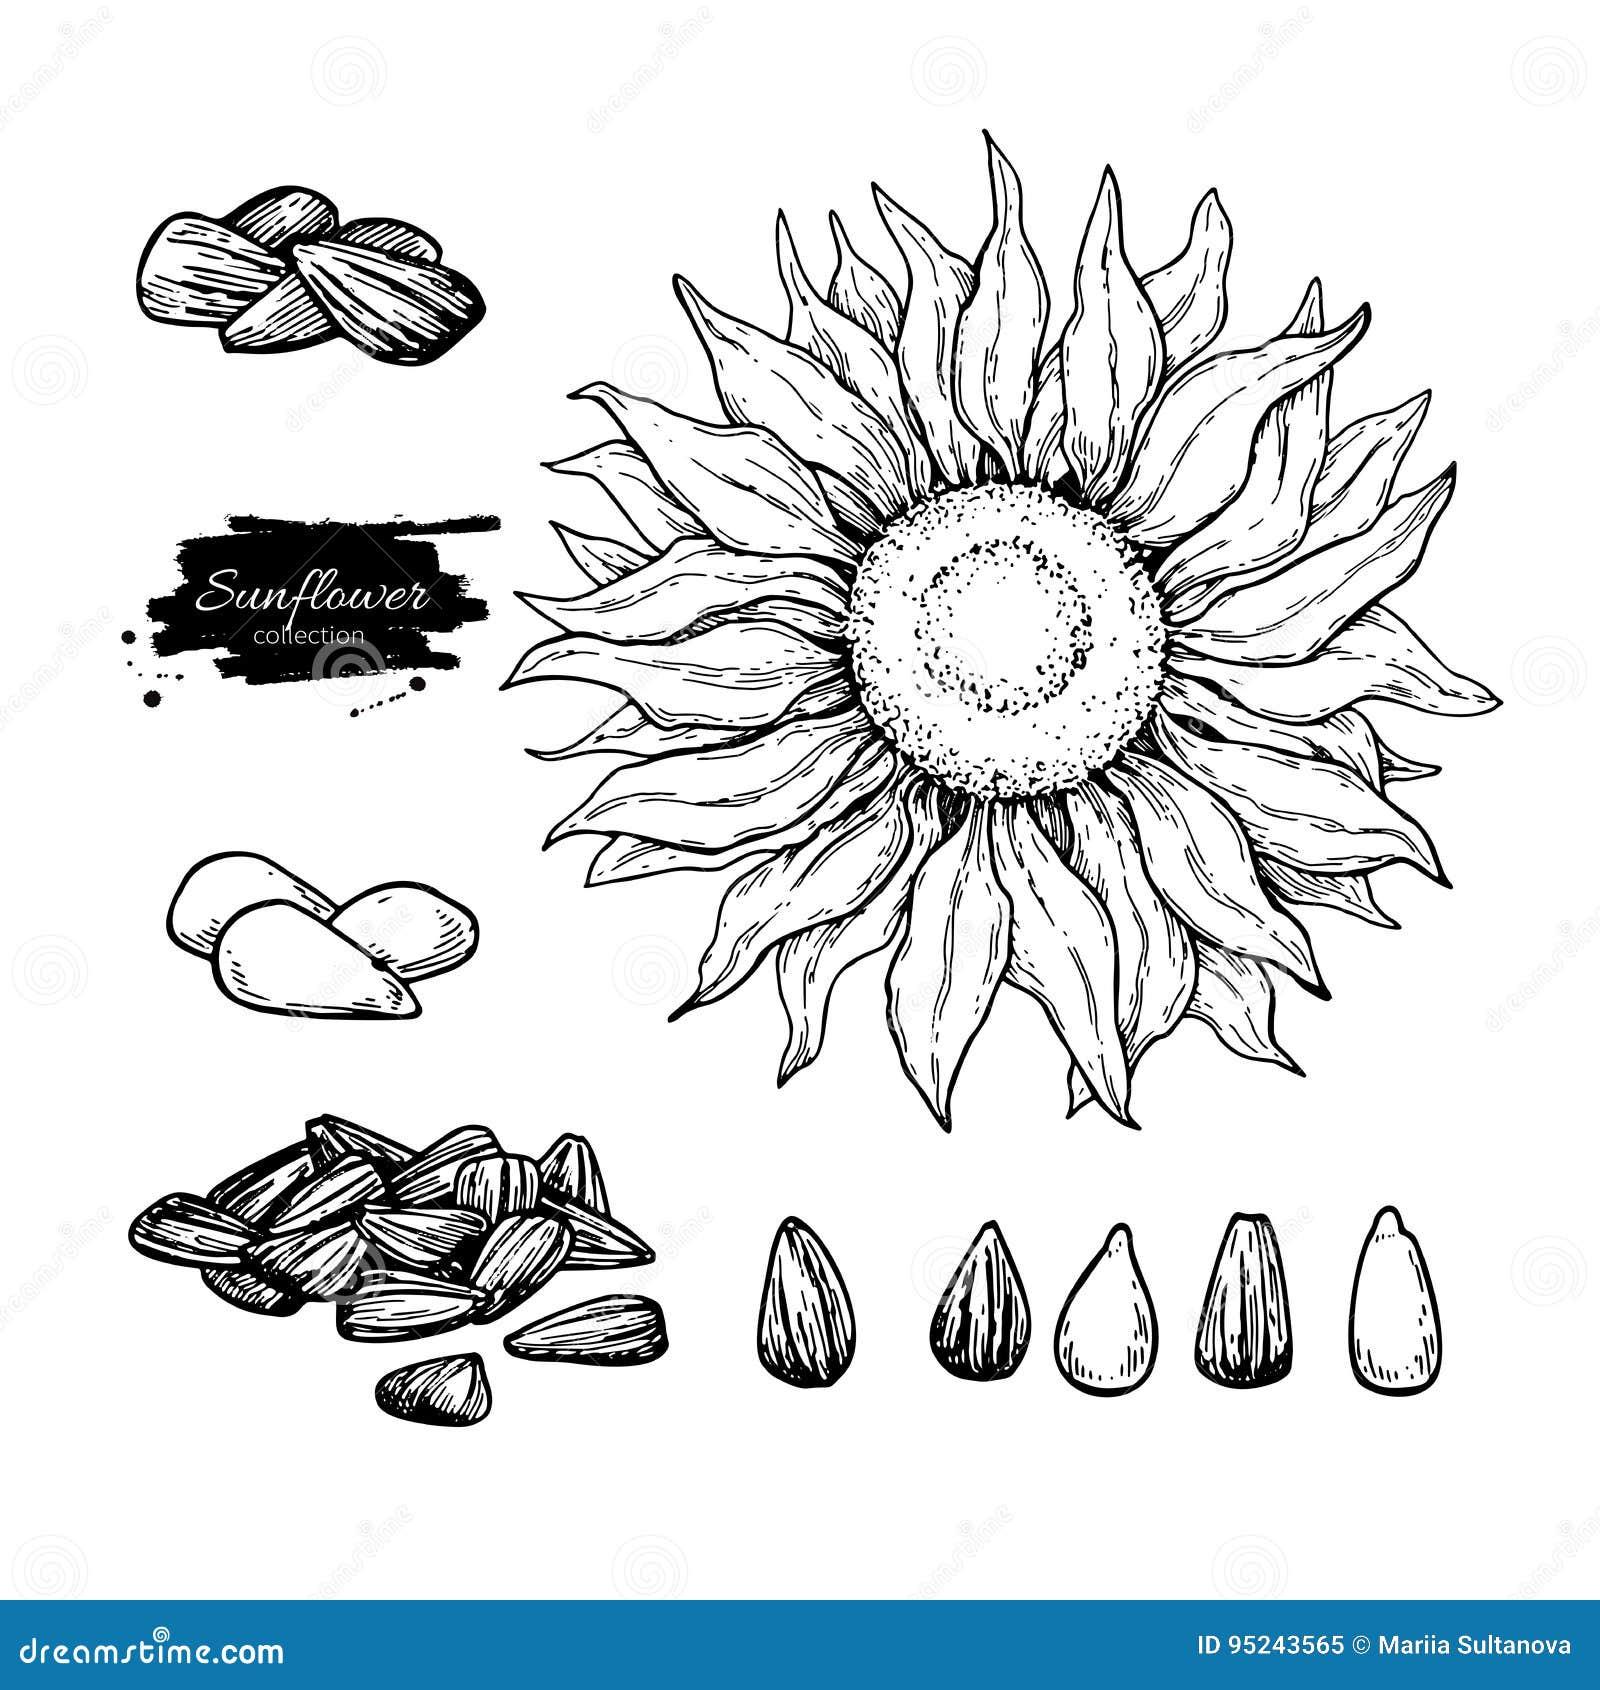 dessiner une fleur de tournesol id e d 39 image de fleur. Black Bedroom Furniture Sets. Home Design Ideas